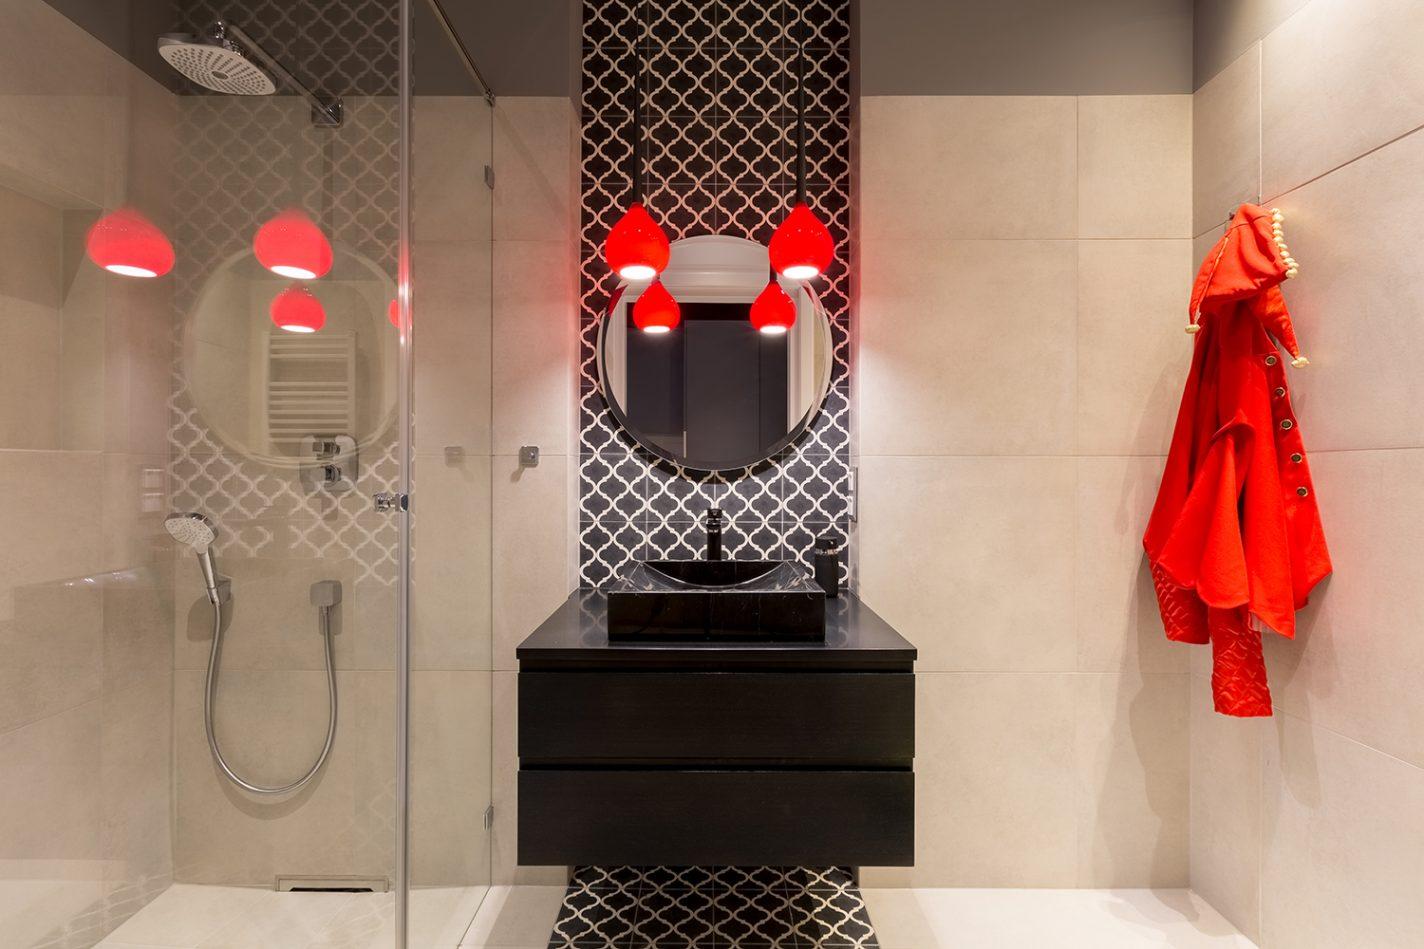 De badkamer, ook helemaal in style